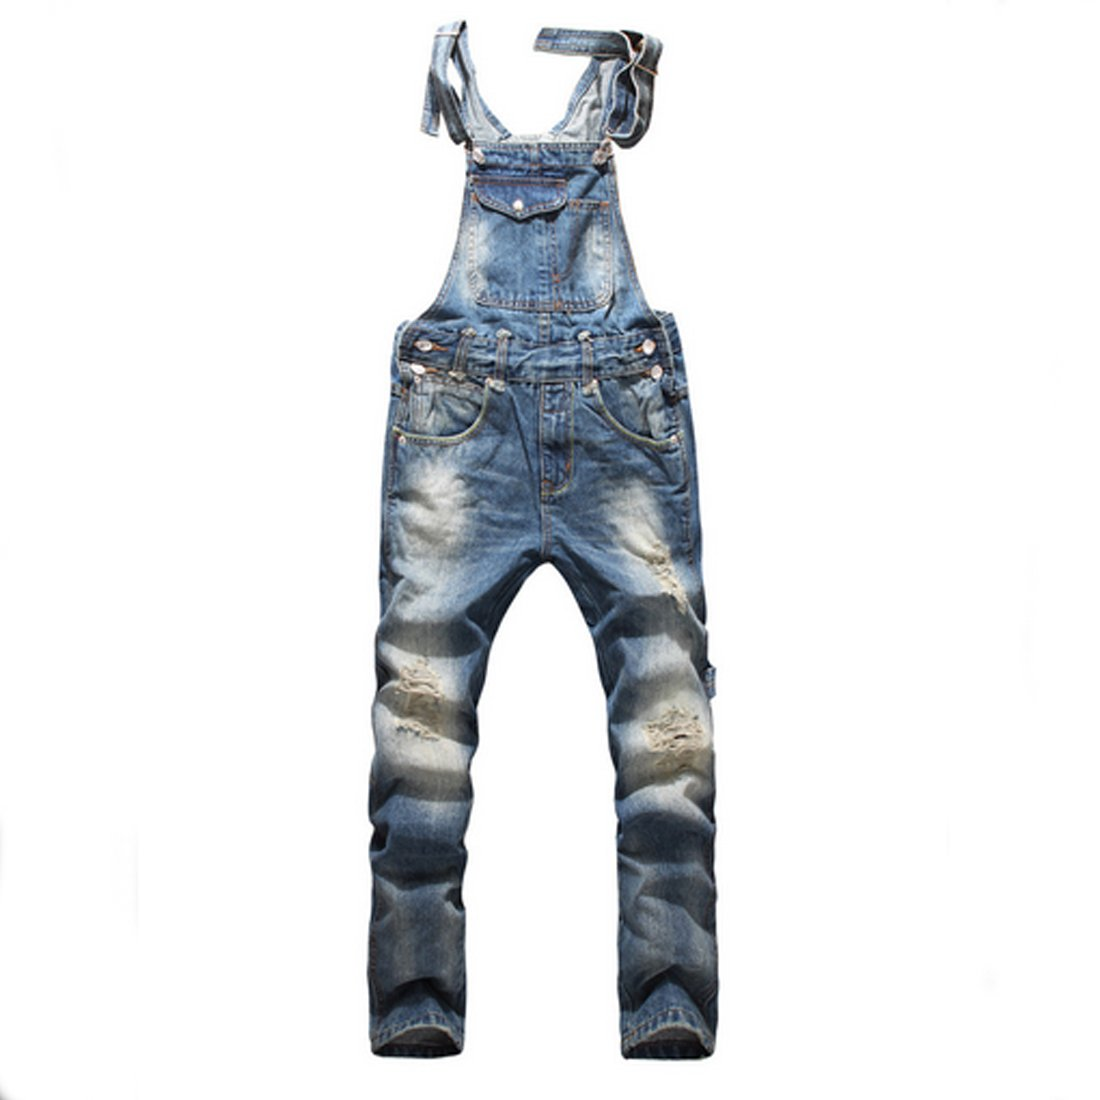 Partiss Men's Dark Blue Slim Fit Washed Denim Bib Overalls